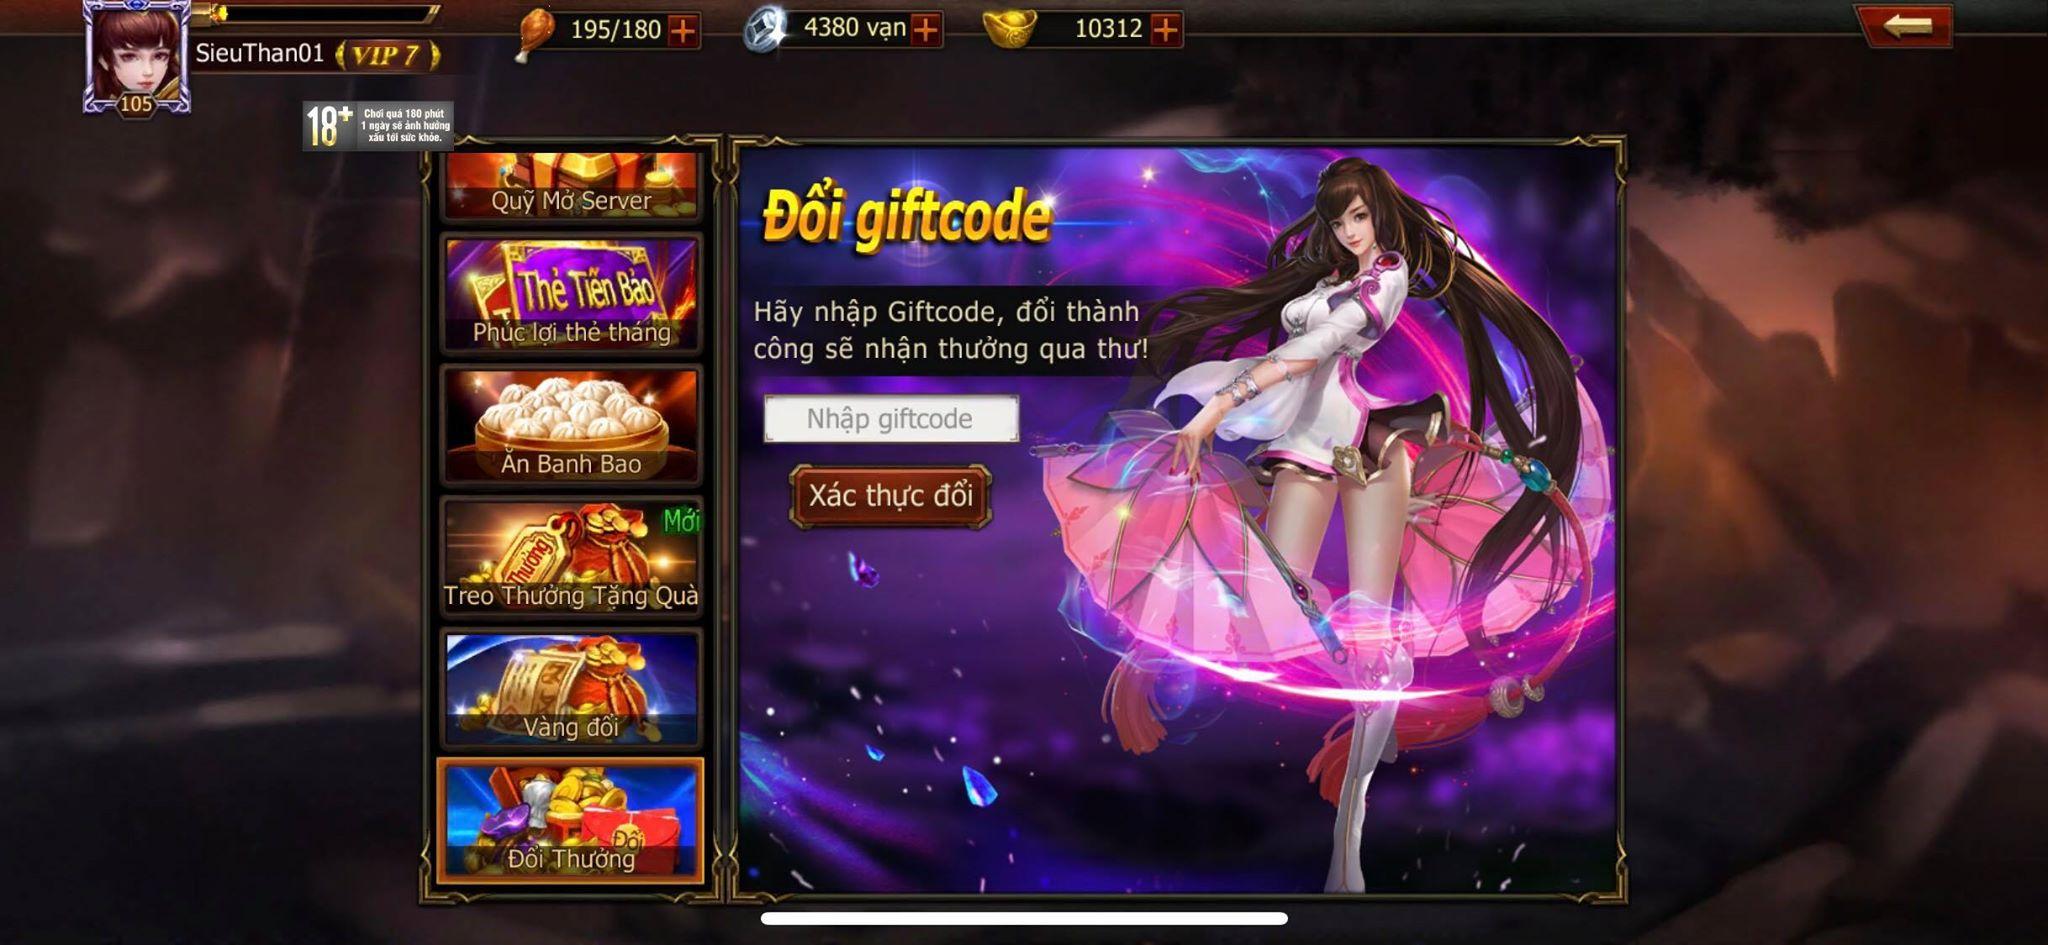 [Hướng dẫn] Nhập Giftcode nhận quà hấp dẫn - 3